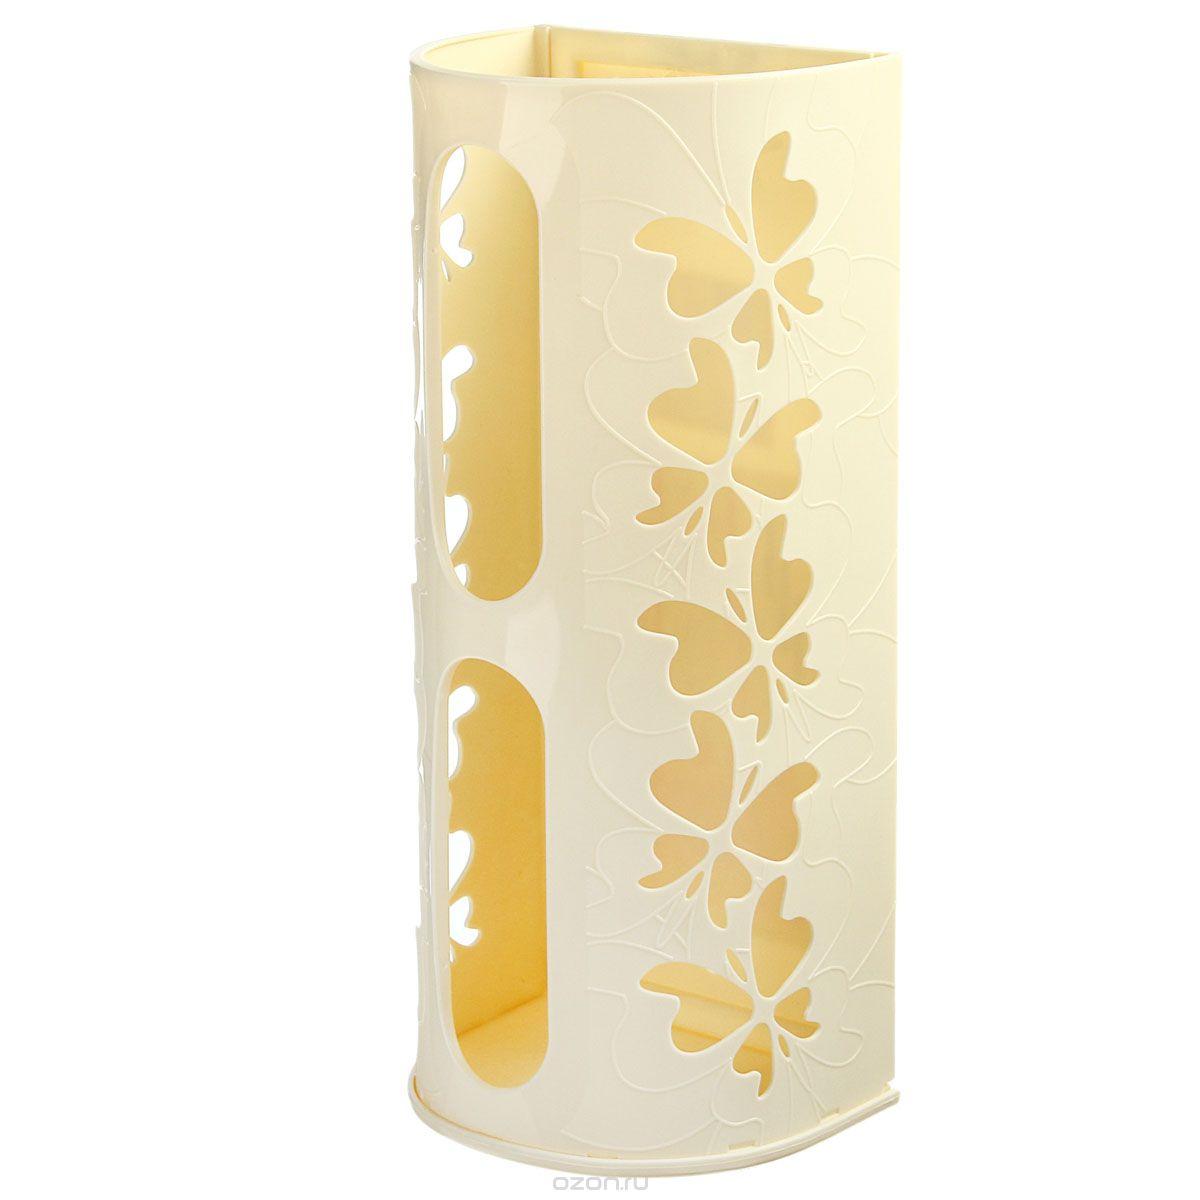 Корзина для пакетов Berossi Fly, цвет: слоновая кость, 16 х 13 х 37,5 см12723Корзина Berossi Fly выполнена из пластика и предназначена для хранения пакетов. Изделие декорировано перфорацией в виде бабочек и крепится к стене при помощи трех саморезов (входят в комплект). Корзина легко собирается и разбирается. Имеет два отверстия, из которых удобно вынимать пакеты.Корзина Berossi Fly позволяет хранить пакеты в одном месте. Размер корзины (в собранном виде): 16 см х 13 см х 37,5 см.